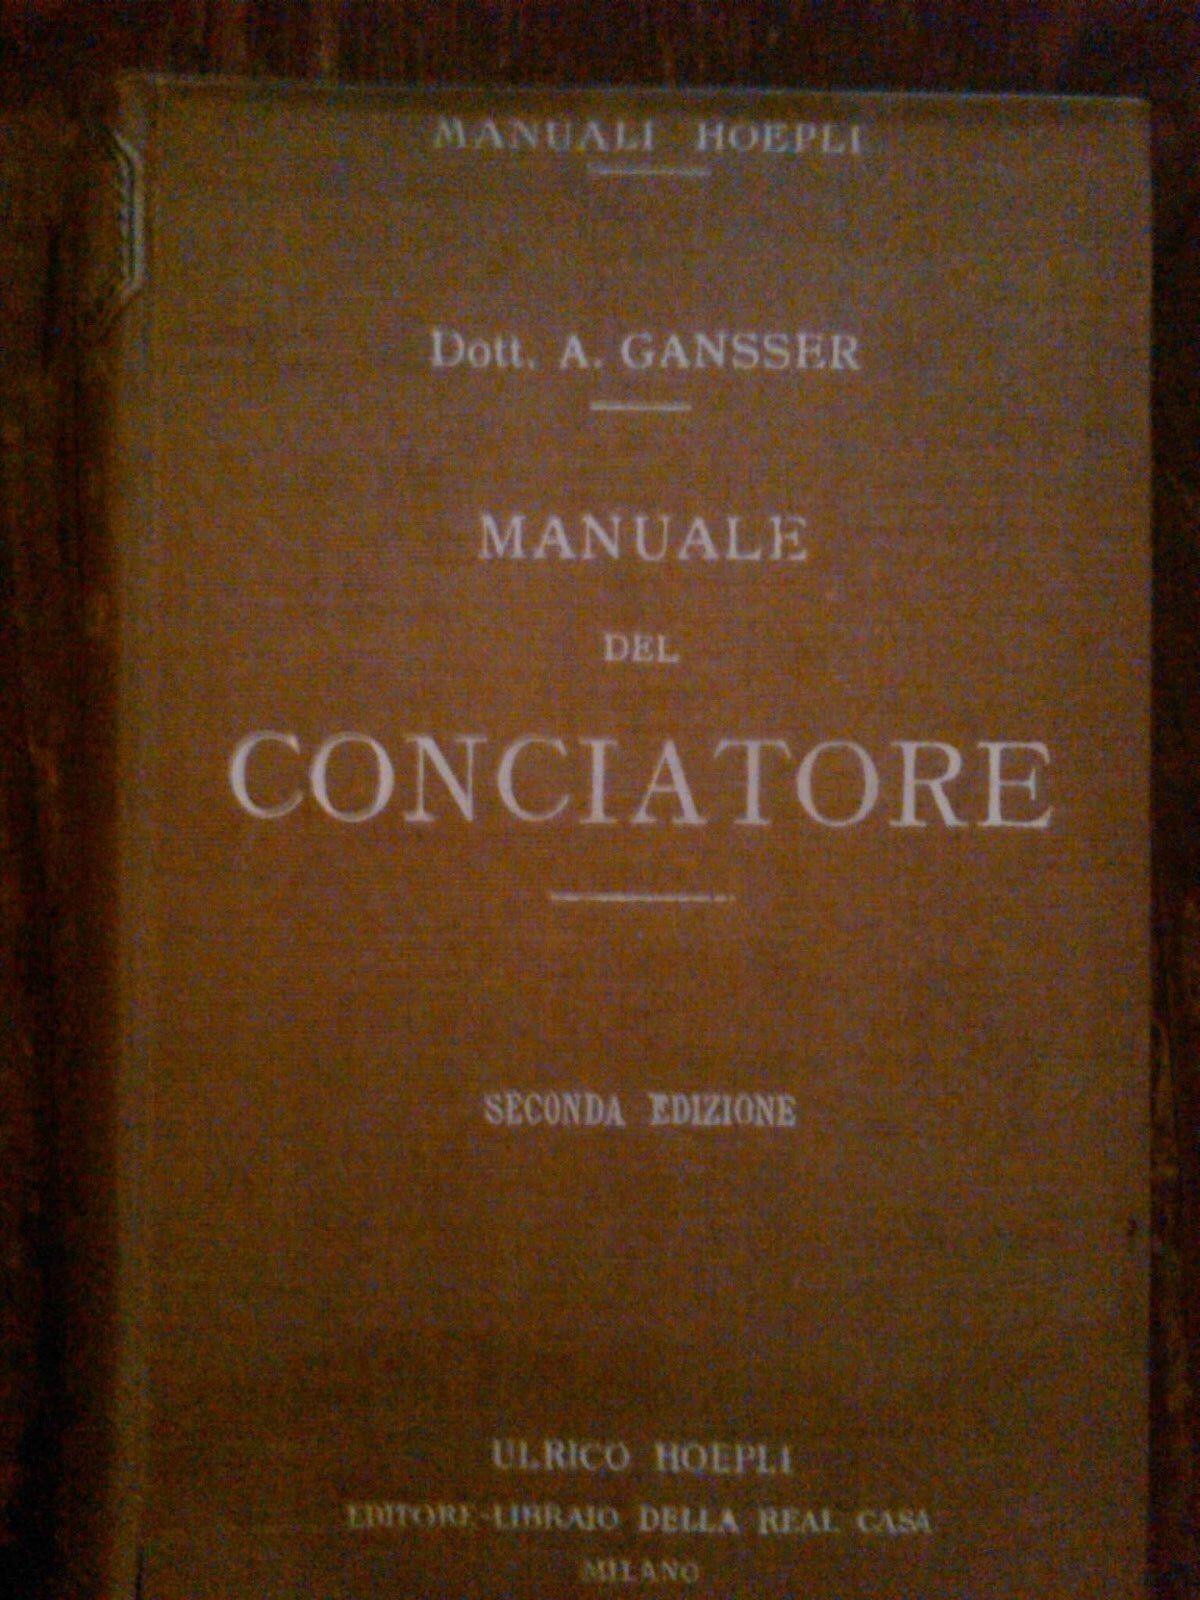 GANSSER - MANUALE DEL CONCIATORE , 1924 SECONDA EDIZIONE RIFATTA